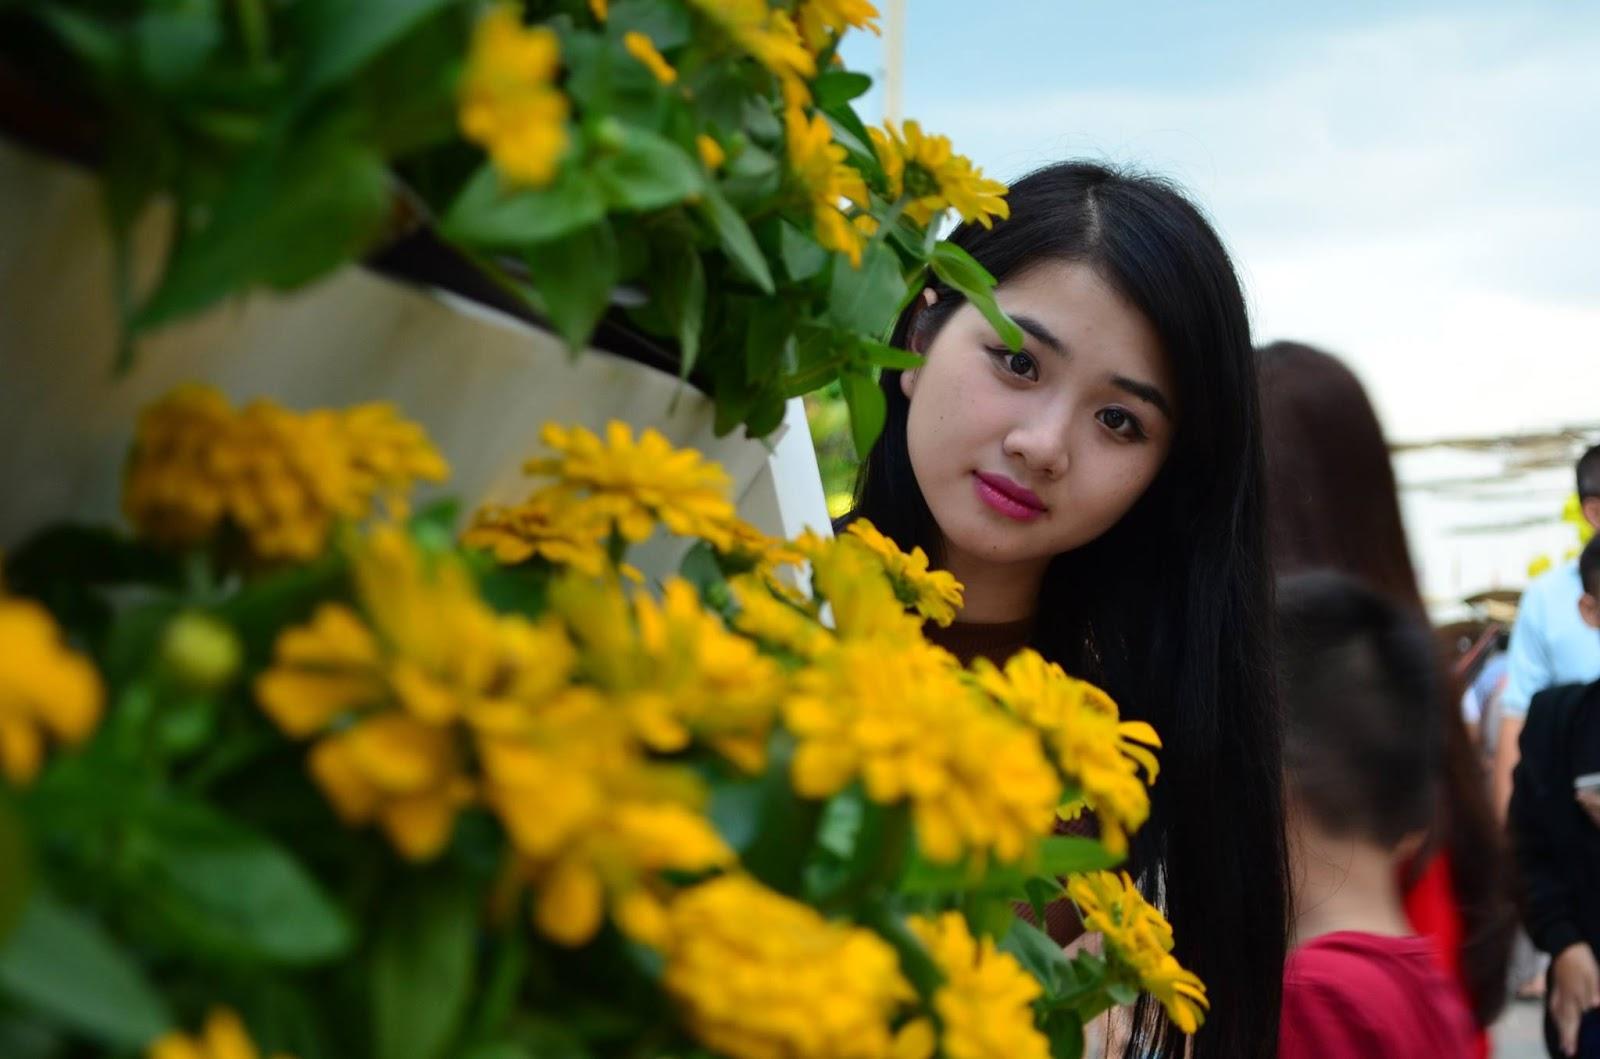 Tôi thấy hoa vàng